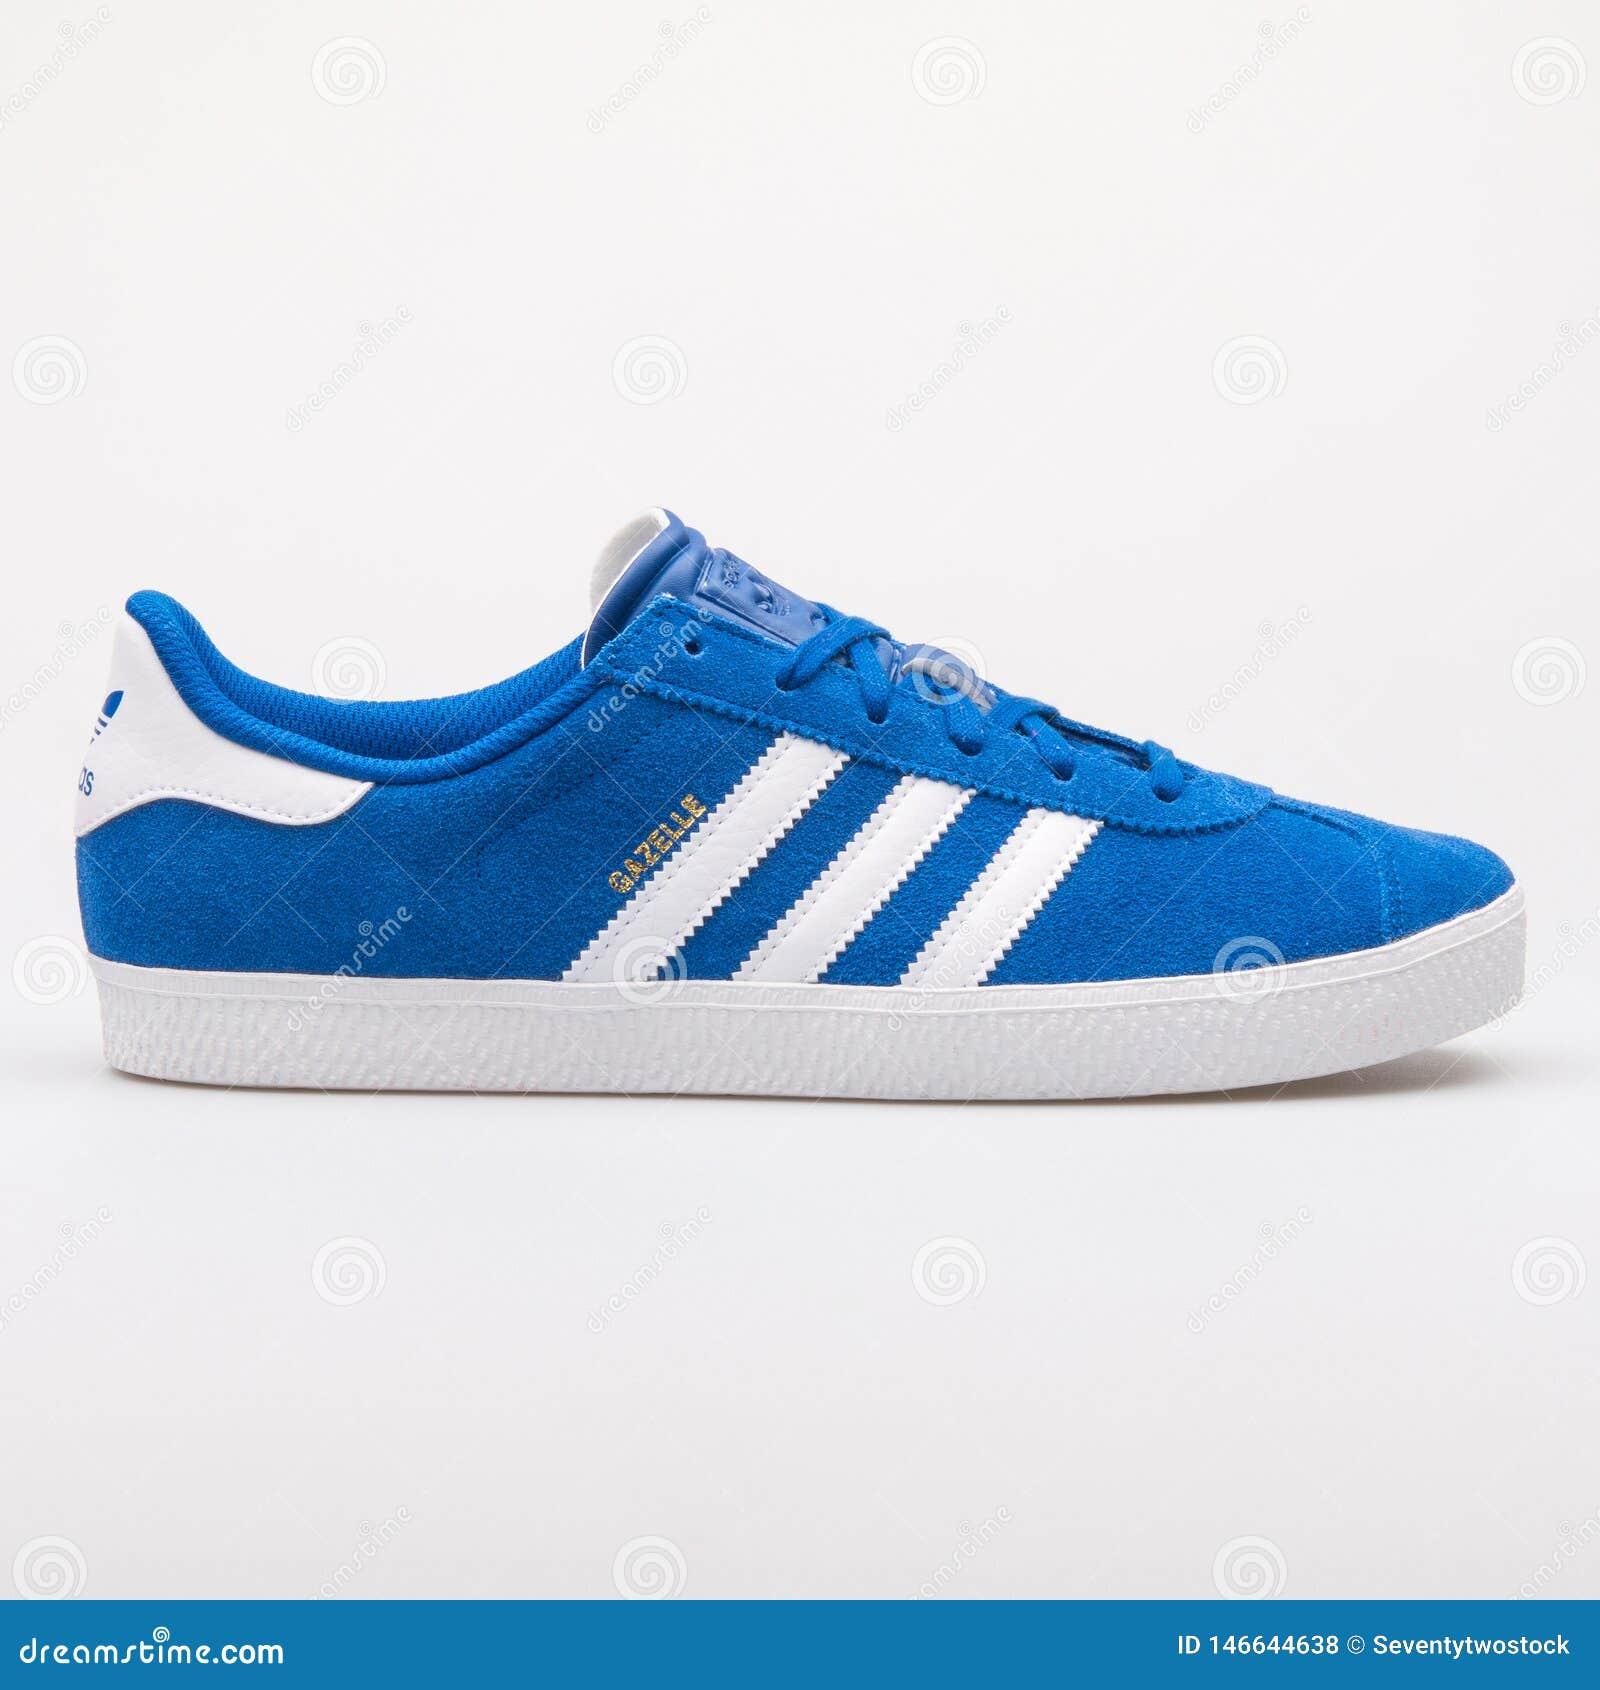 ogromna zniżka całkiem miło 100% najwyższej jakości Adidas Gazelle 2 Blue And White Sneaker Editorial Stock ...